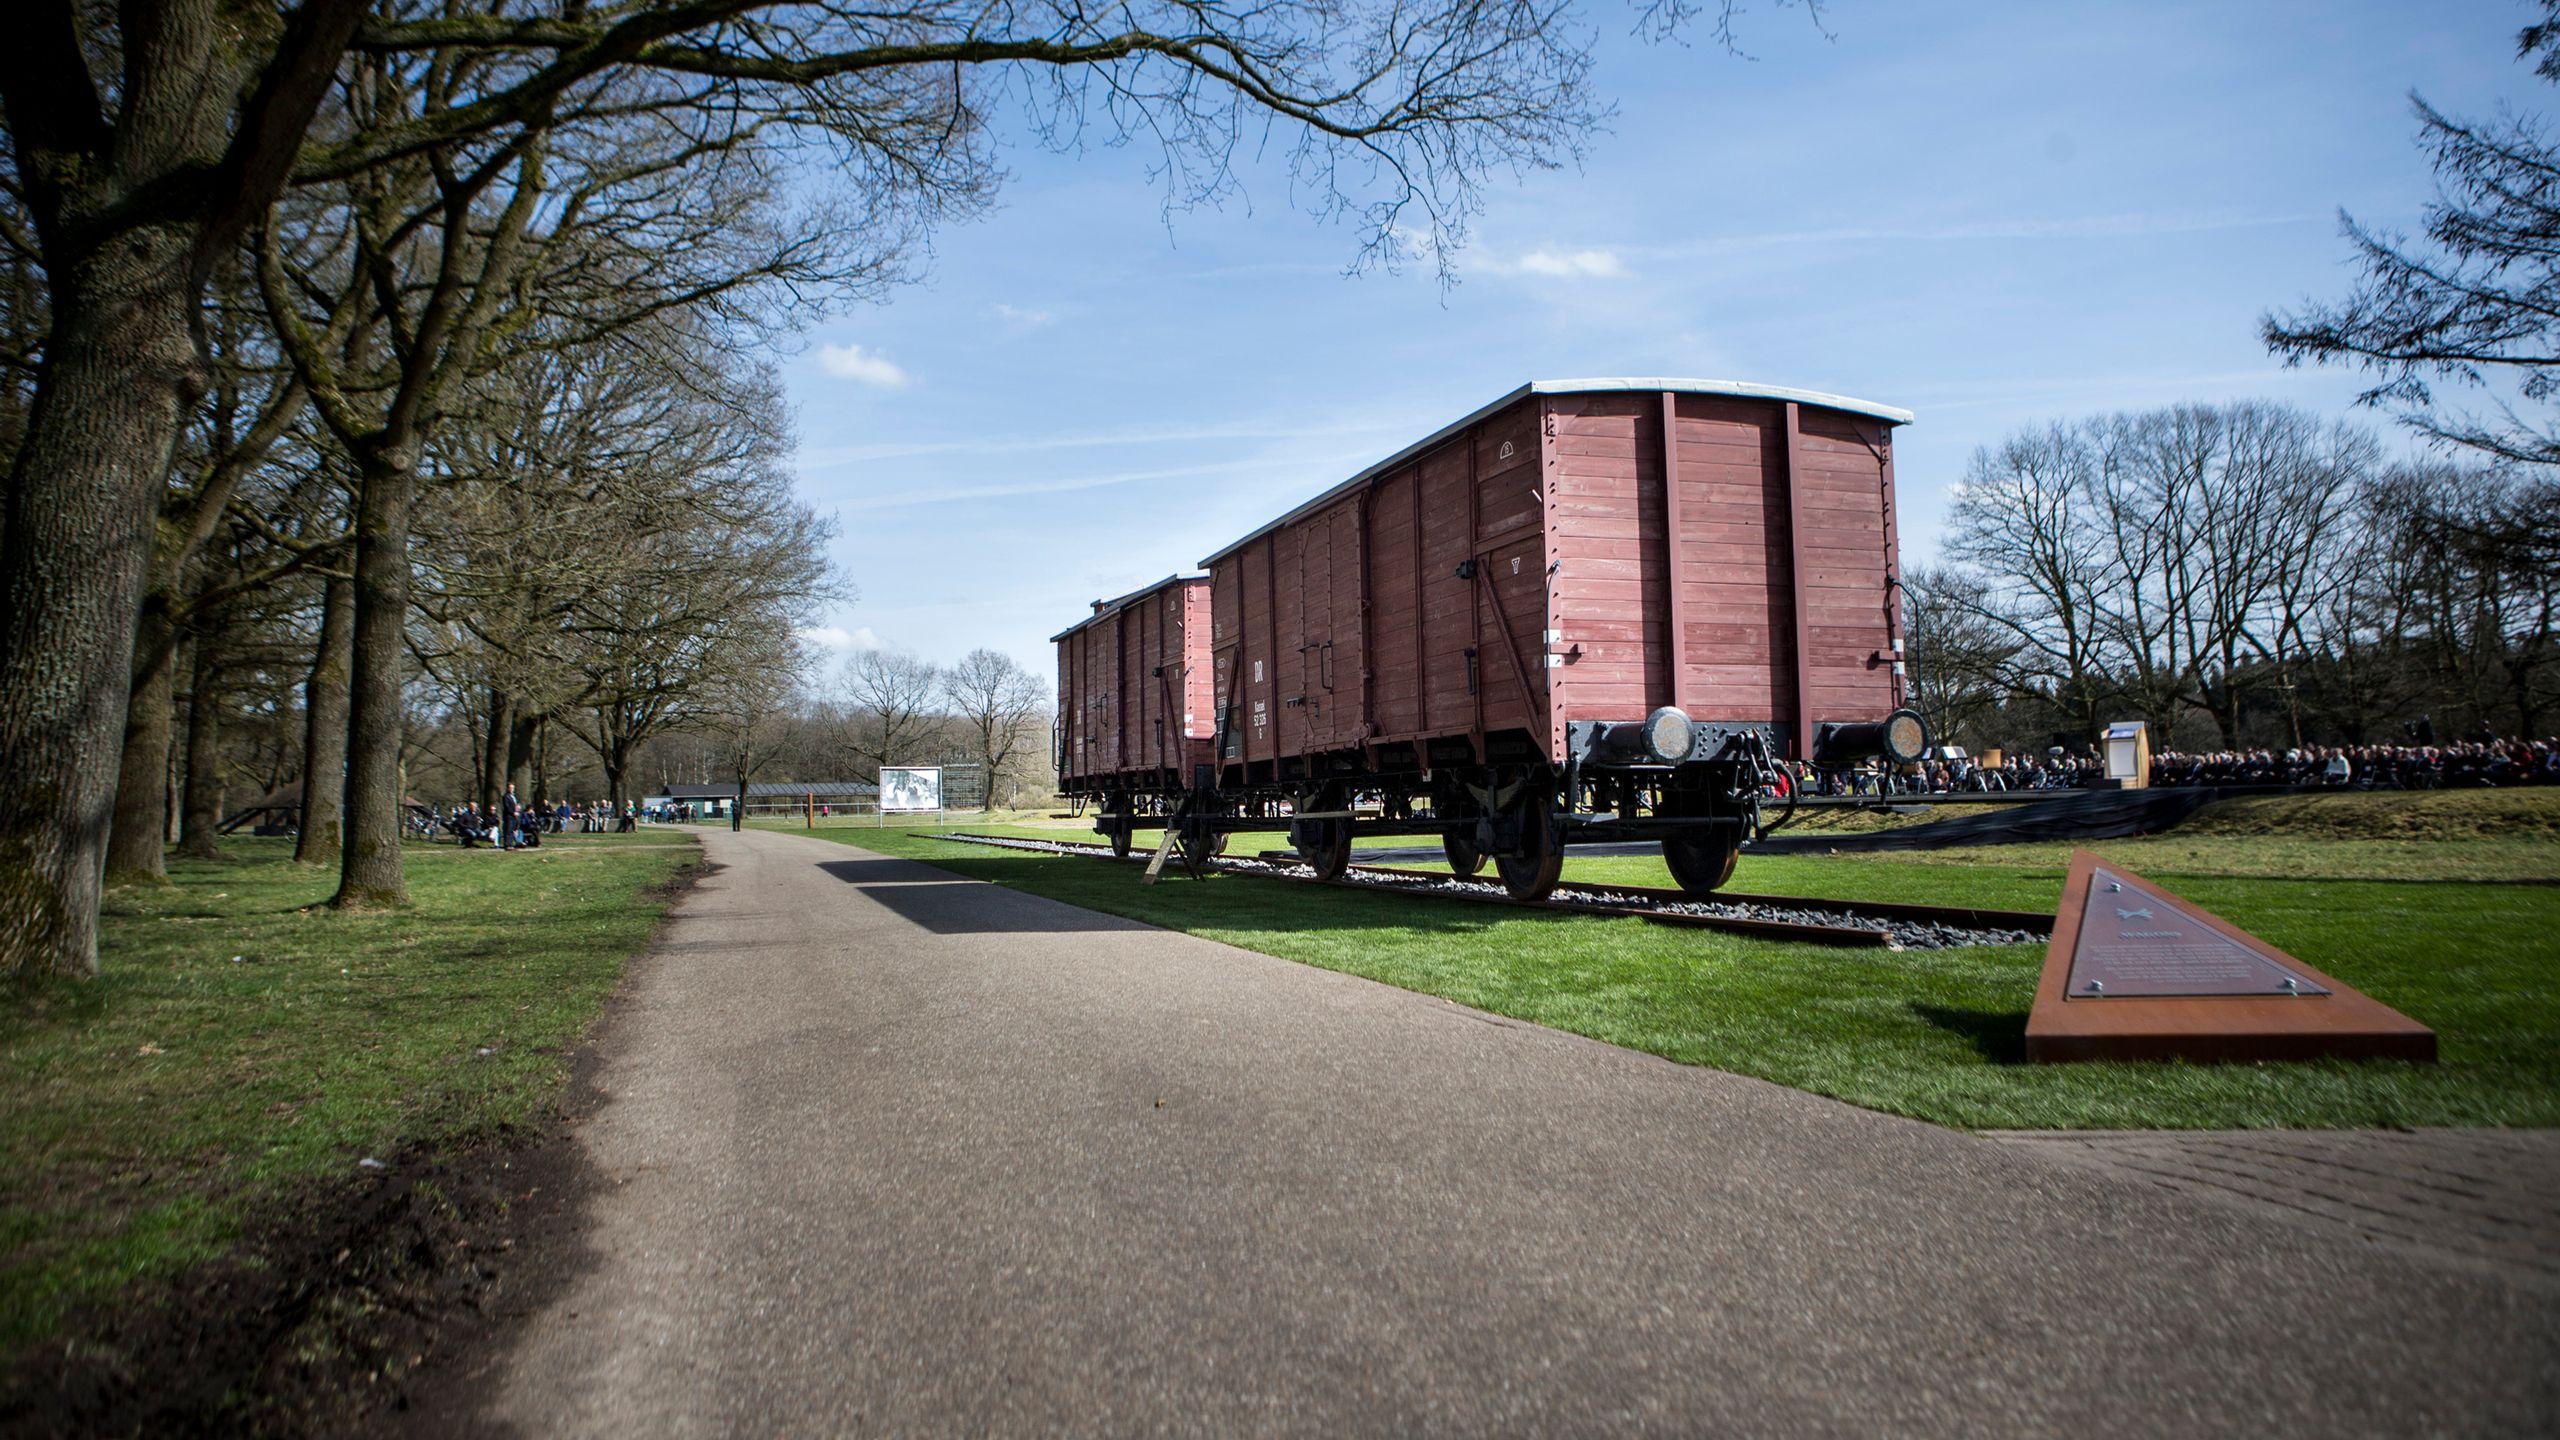 Herdenking Kamp Westerbork - Nos 75 Jaar Herdenking Kamp Westerbork